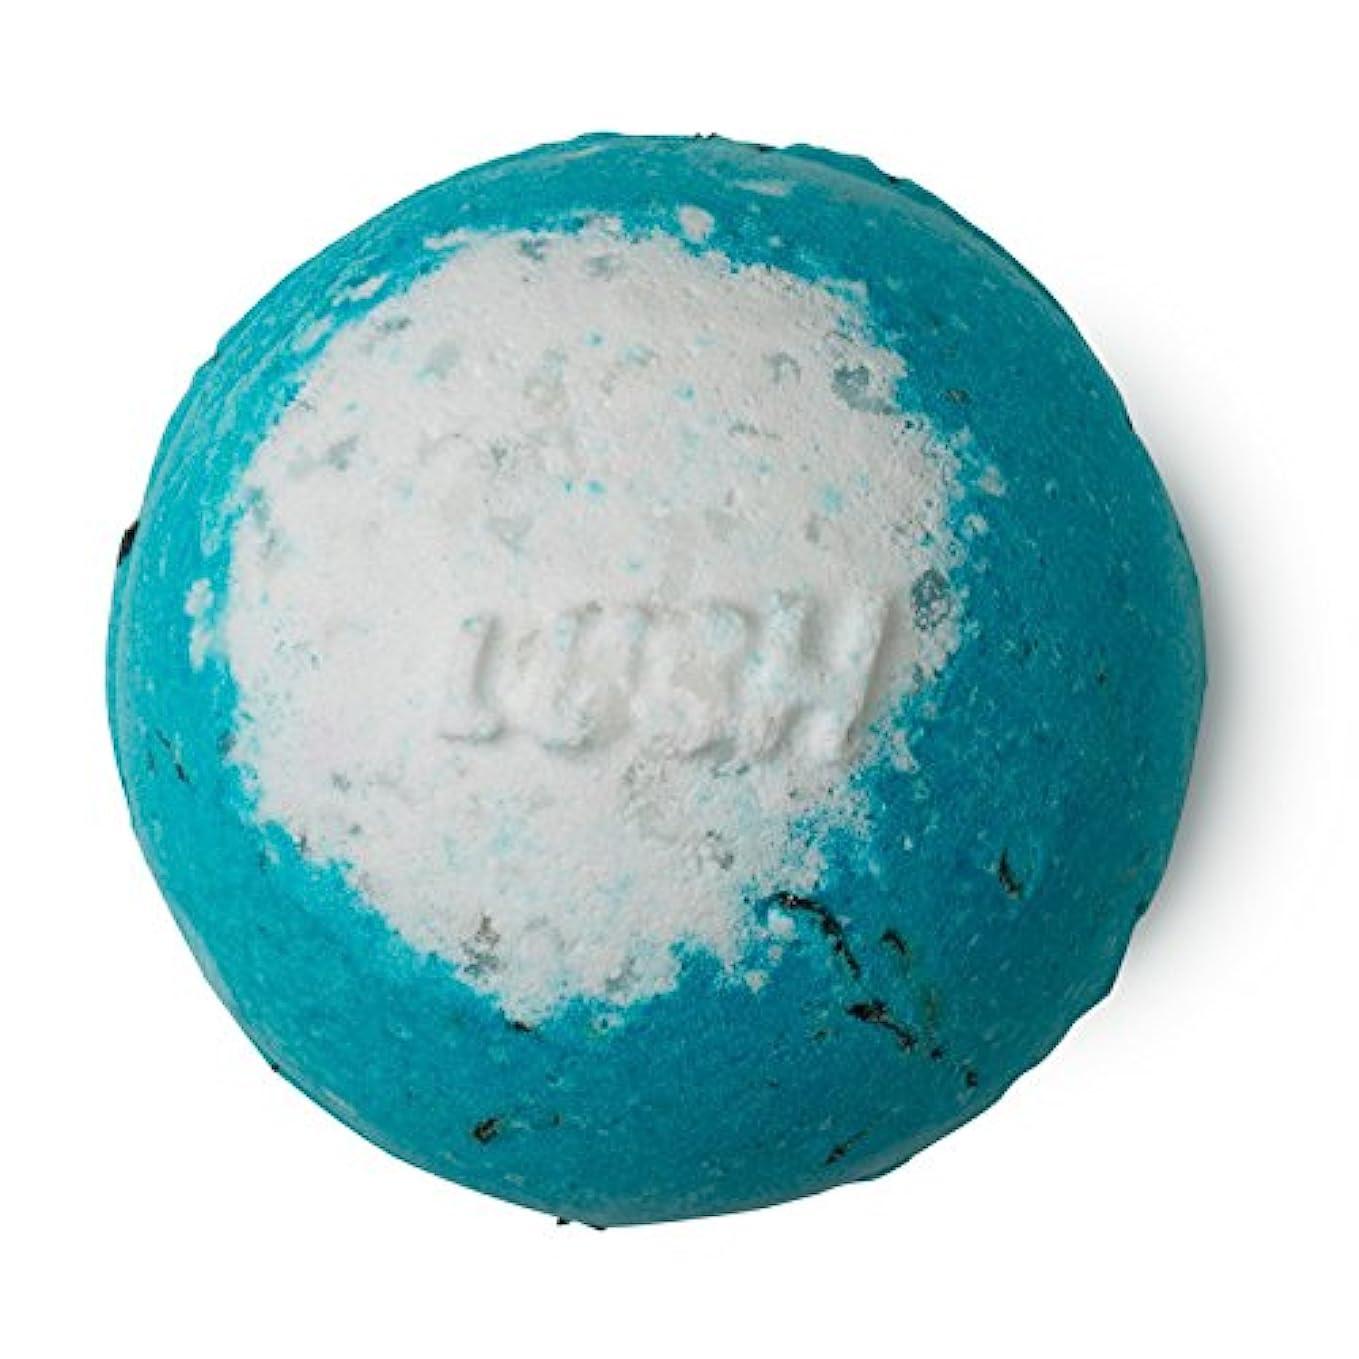 塩辛いみがきます舗装LUSH ラッシュ RUSHラッシュ 200g バスボム 浴用 シーソルト 入浴剤 ラベンダーオイル 入浴剤 ギフト